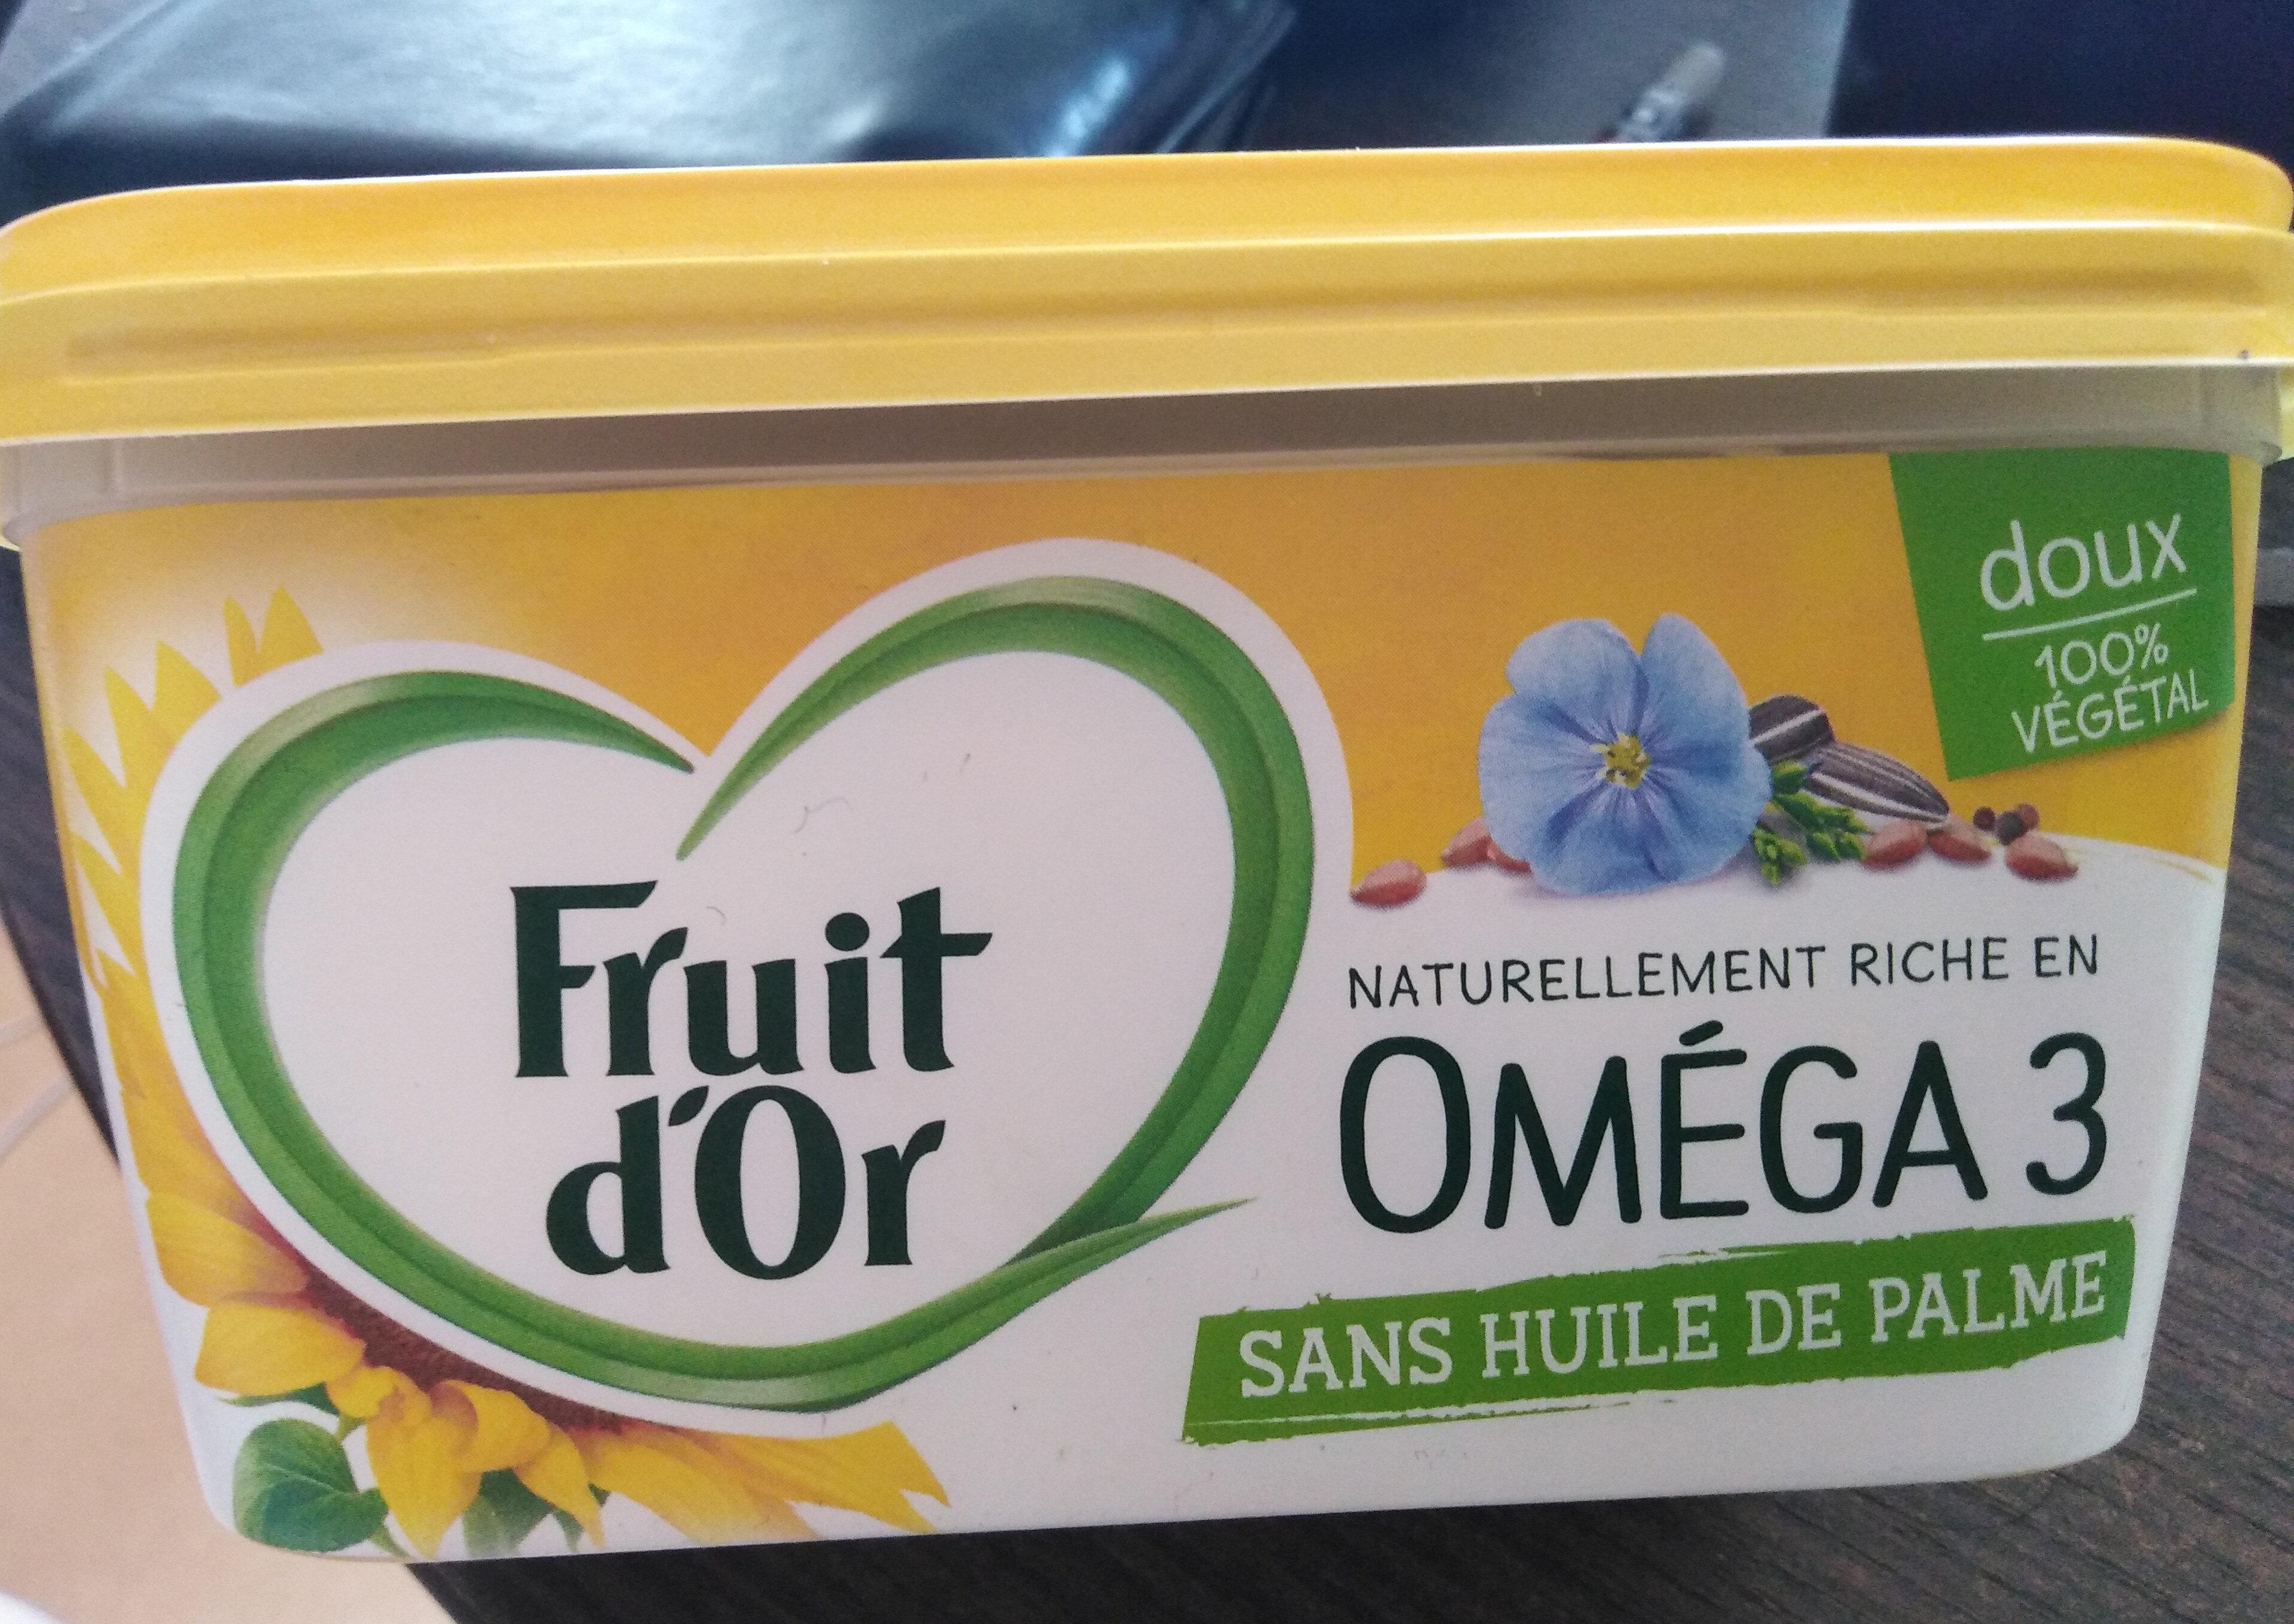 Fruit d'or omega 3 sans huile de palme - Product - fr